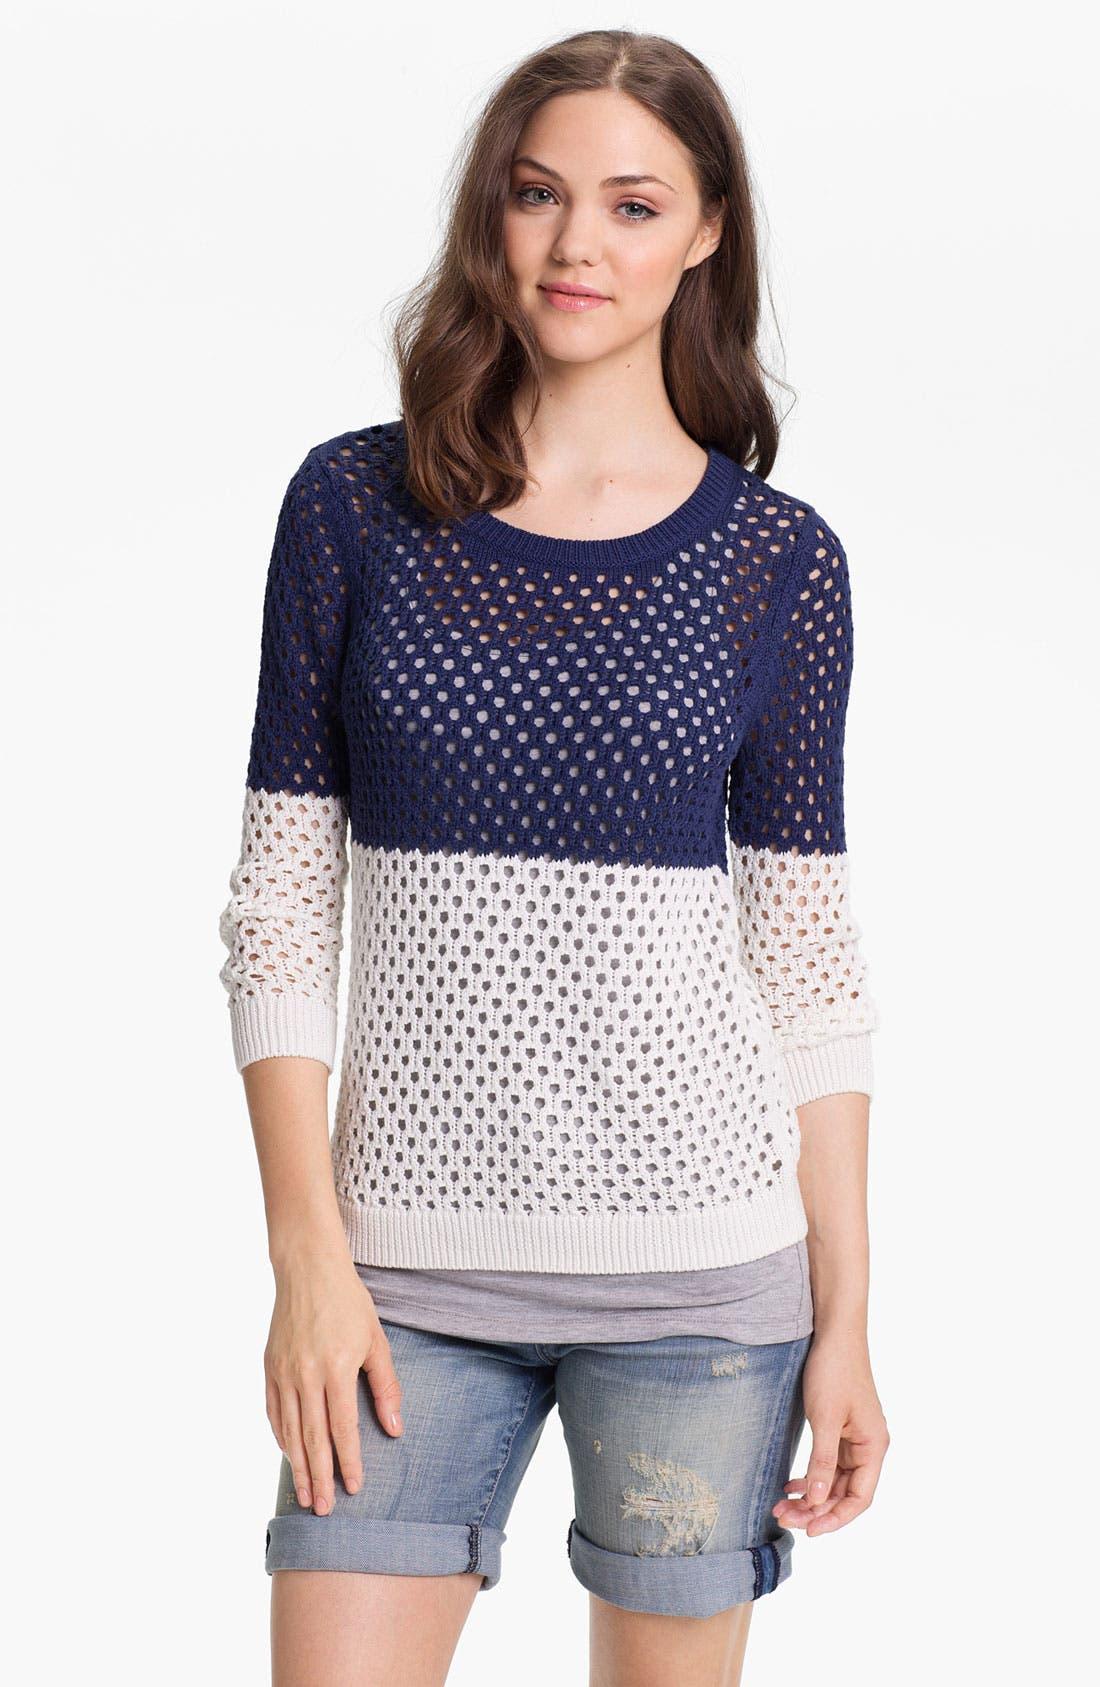 Alternate Image 1 Selected - Caslon® Colorblock Open Stitch Sweater